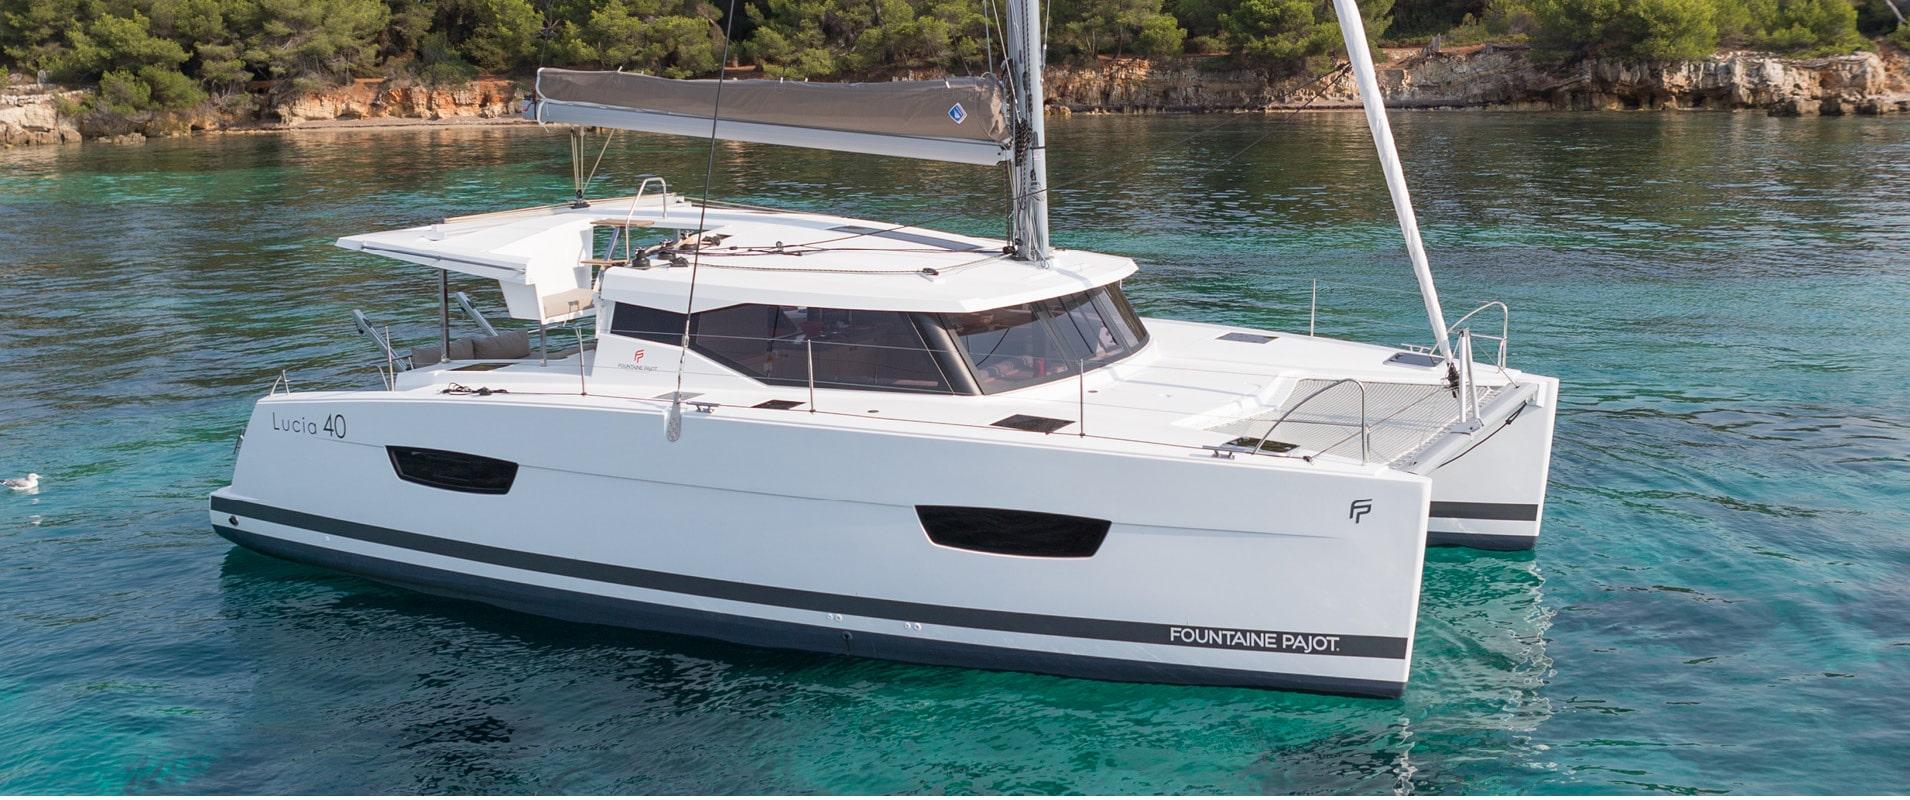 Lucia 40 sailing